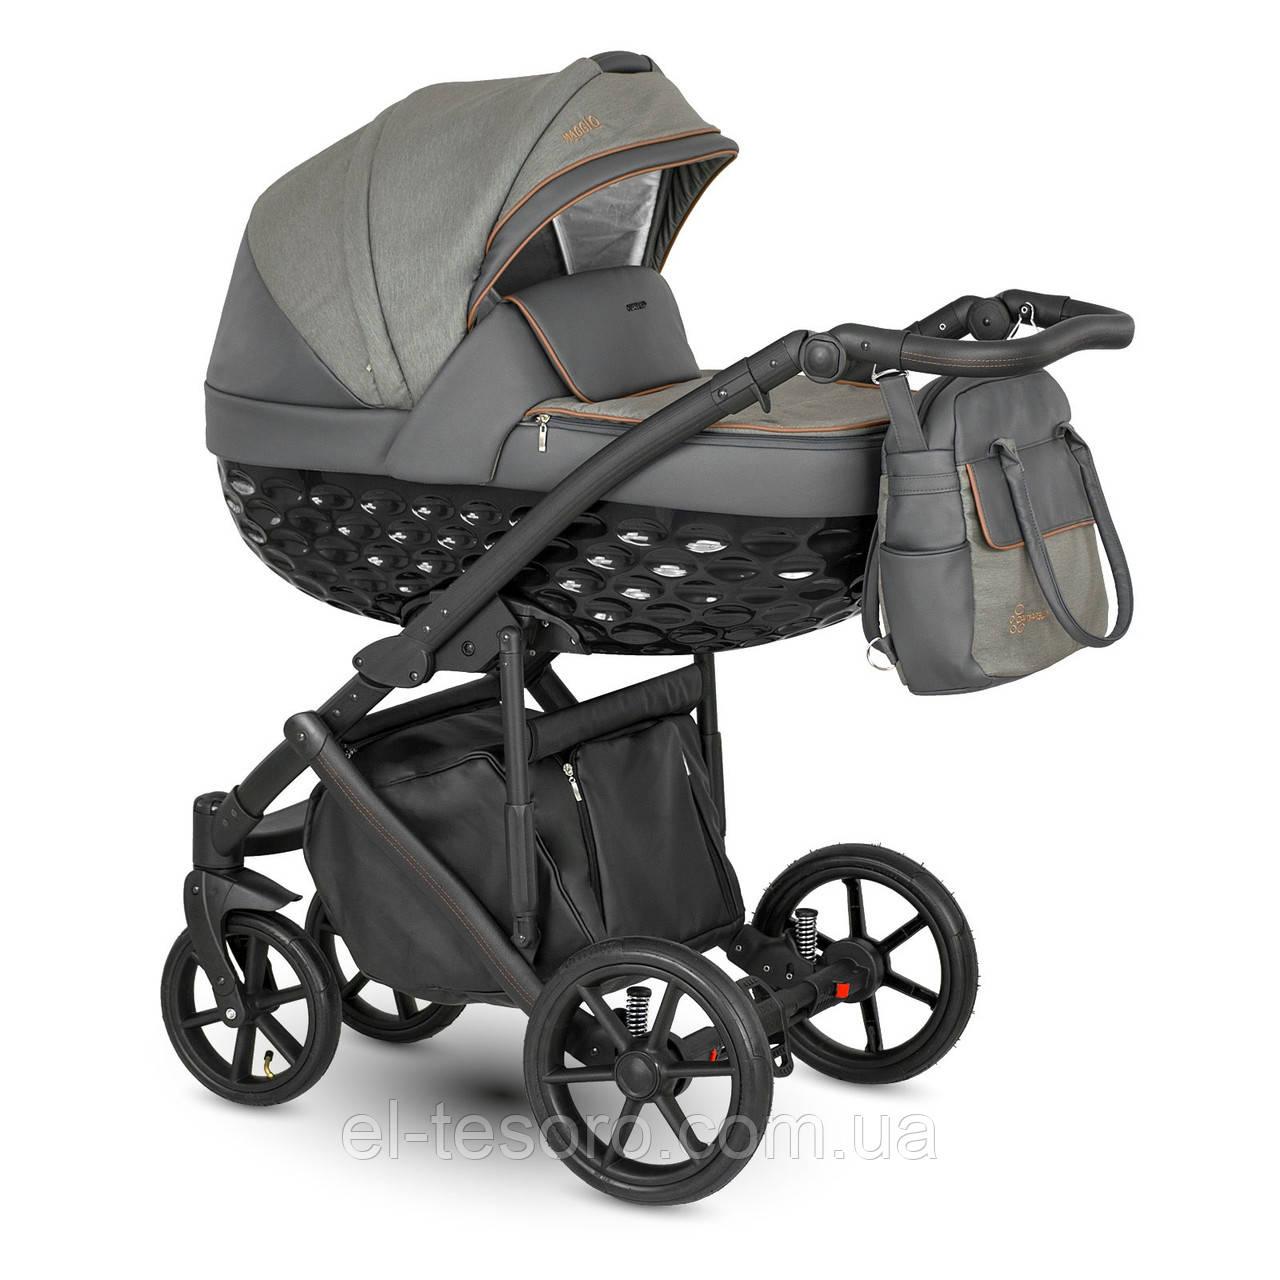 Детская универсальная коляска 2 в 1 Camarelo Maggio Mg-02